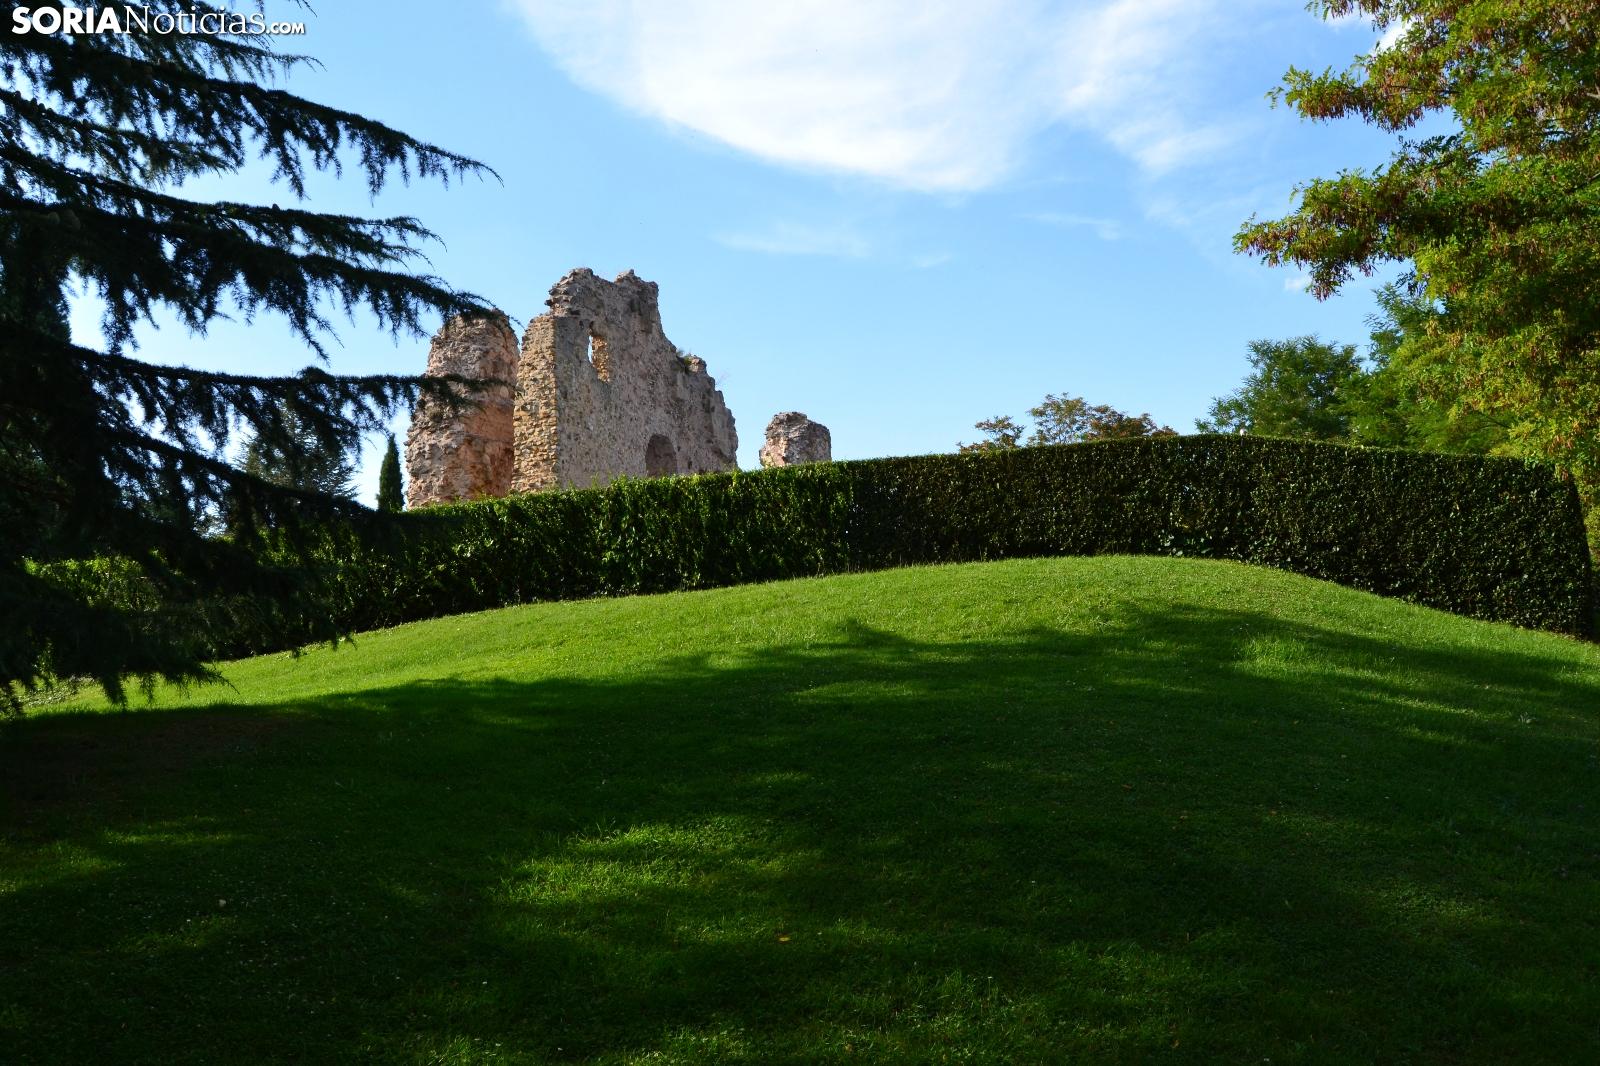 Castillo Soria